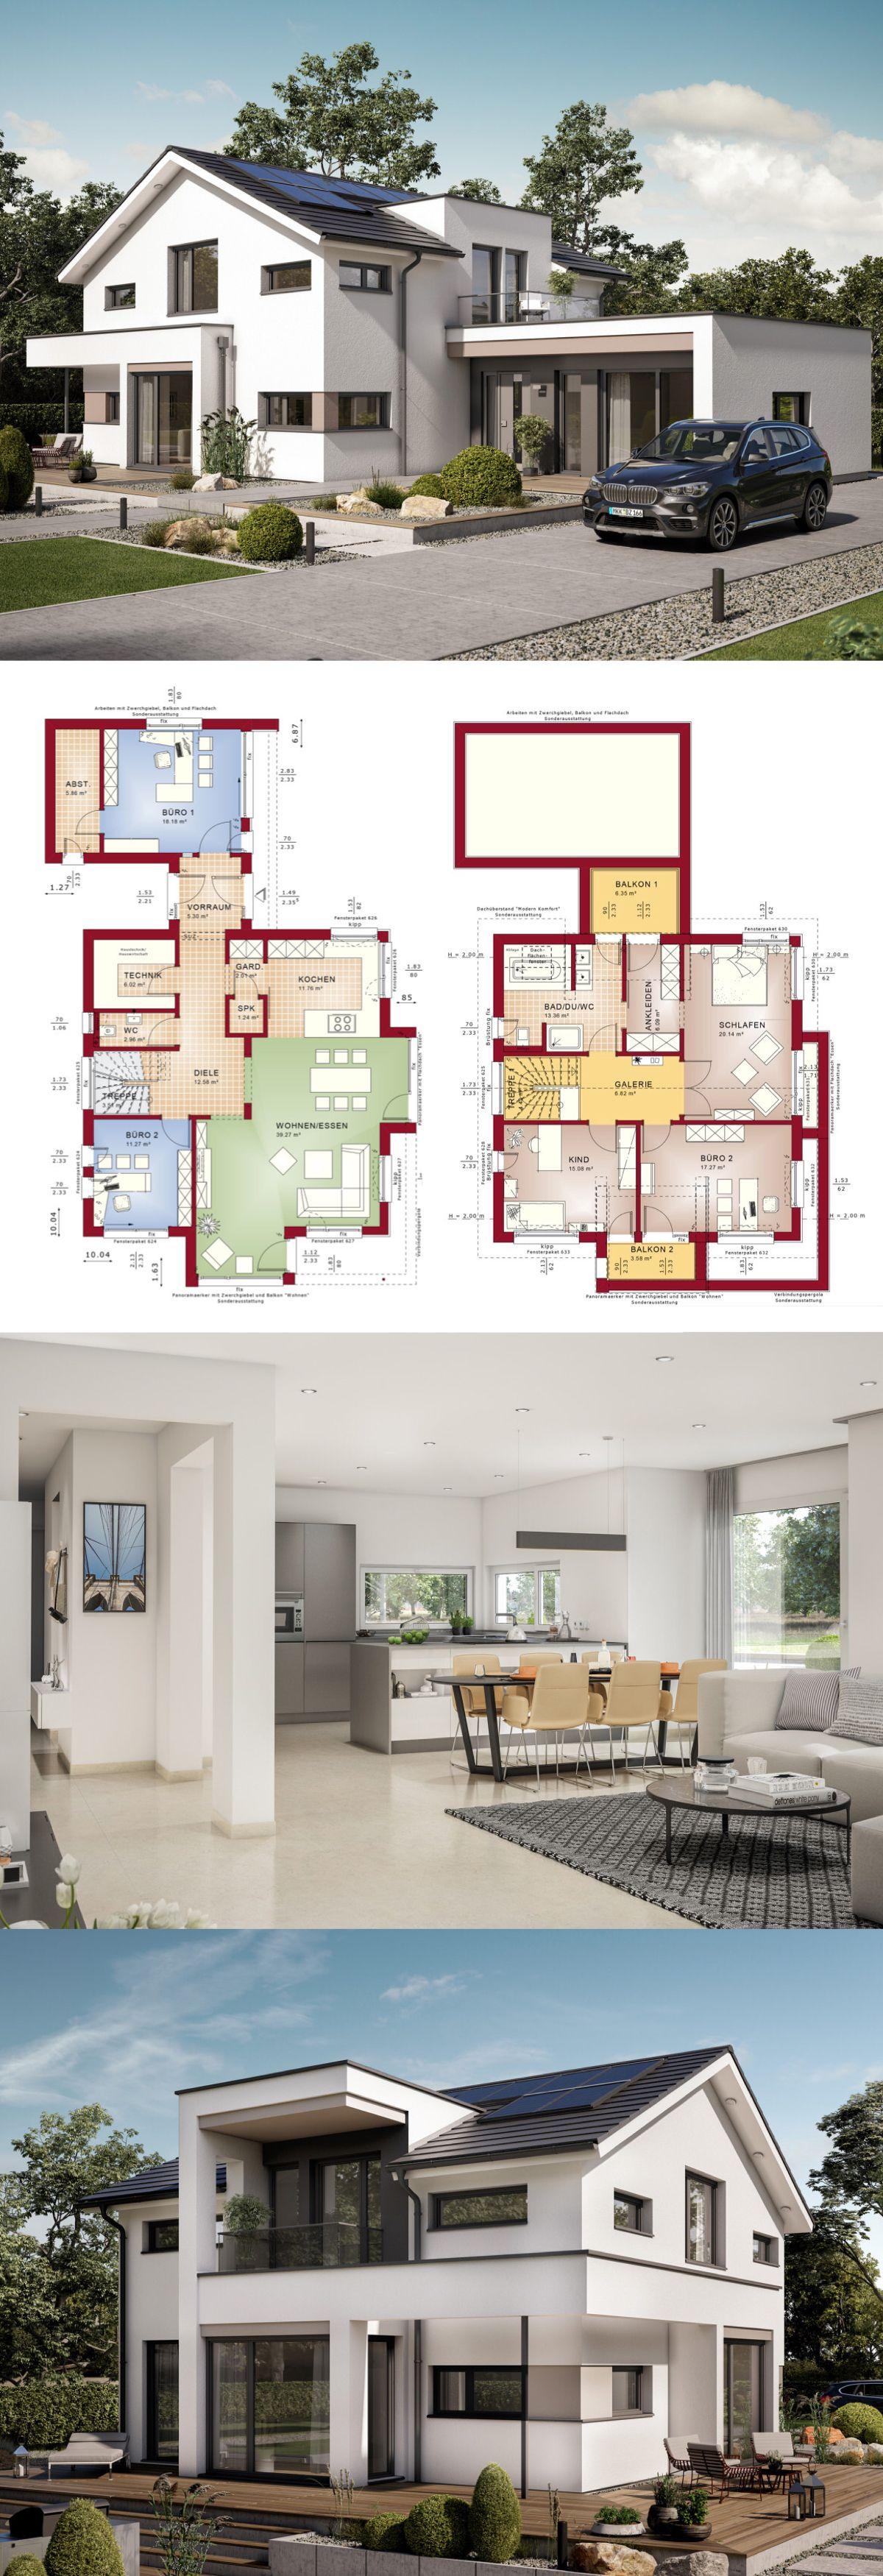 Satteldach-Haus mit Büro Anbau - Einfamilienhaus Concept-M 166 Bien ...